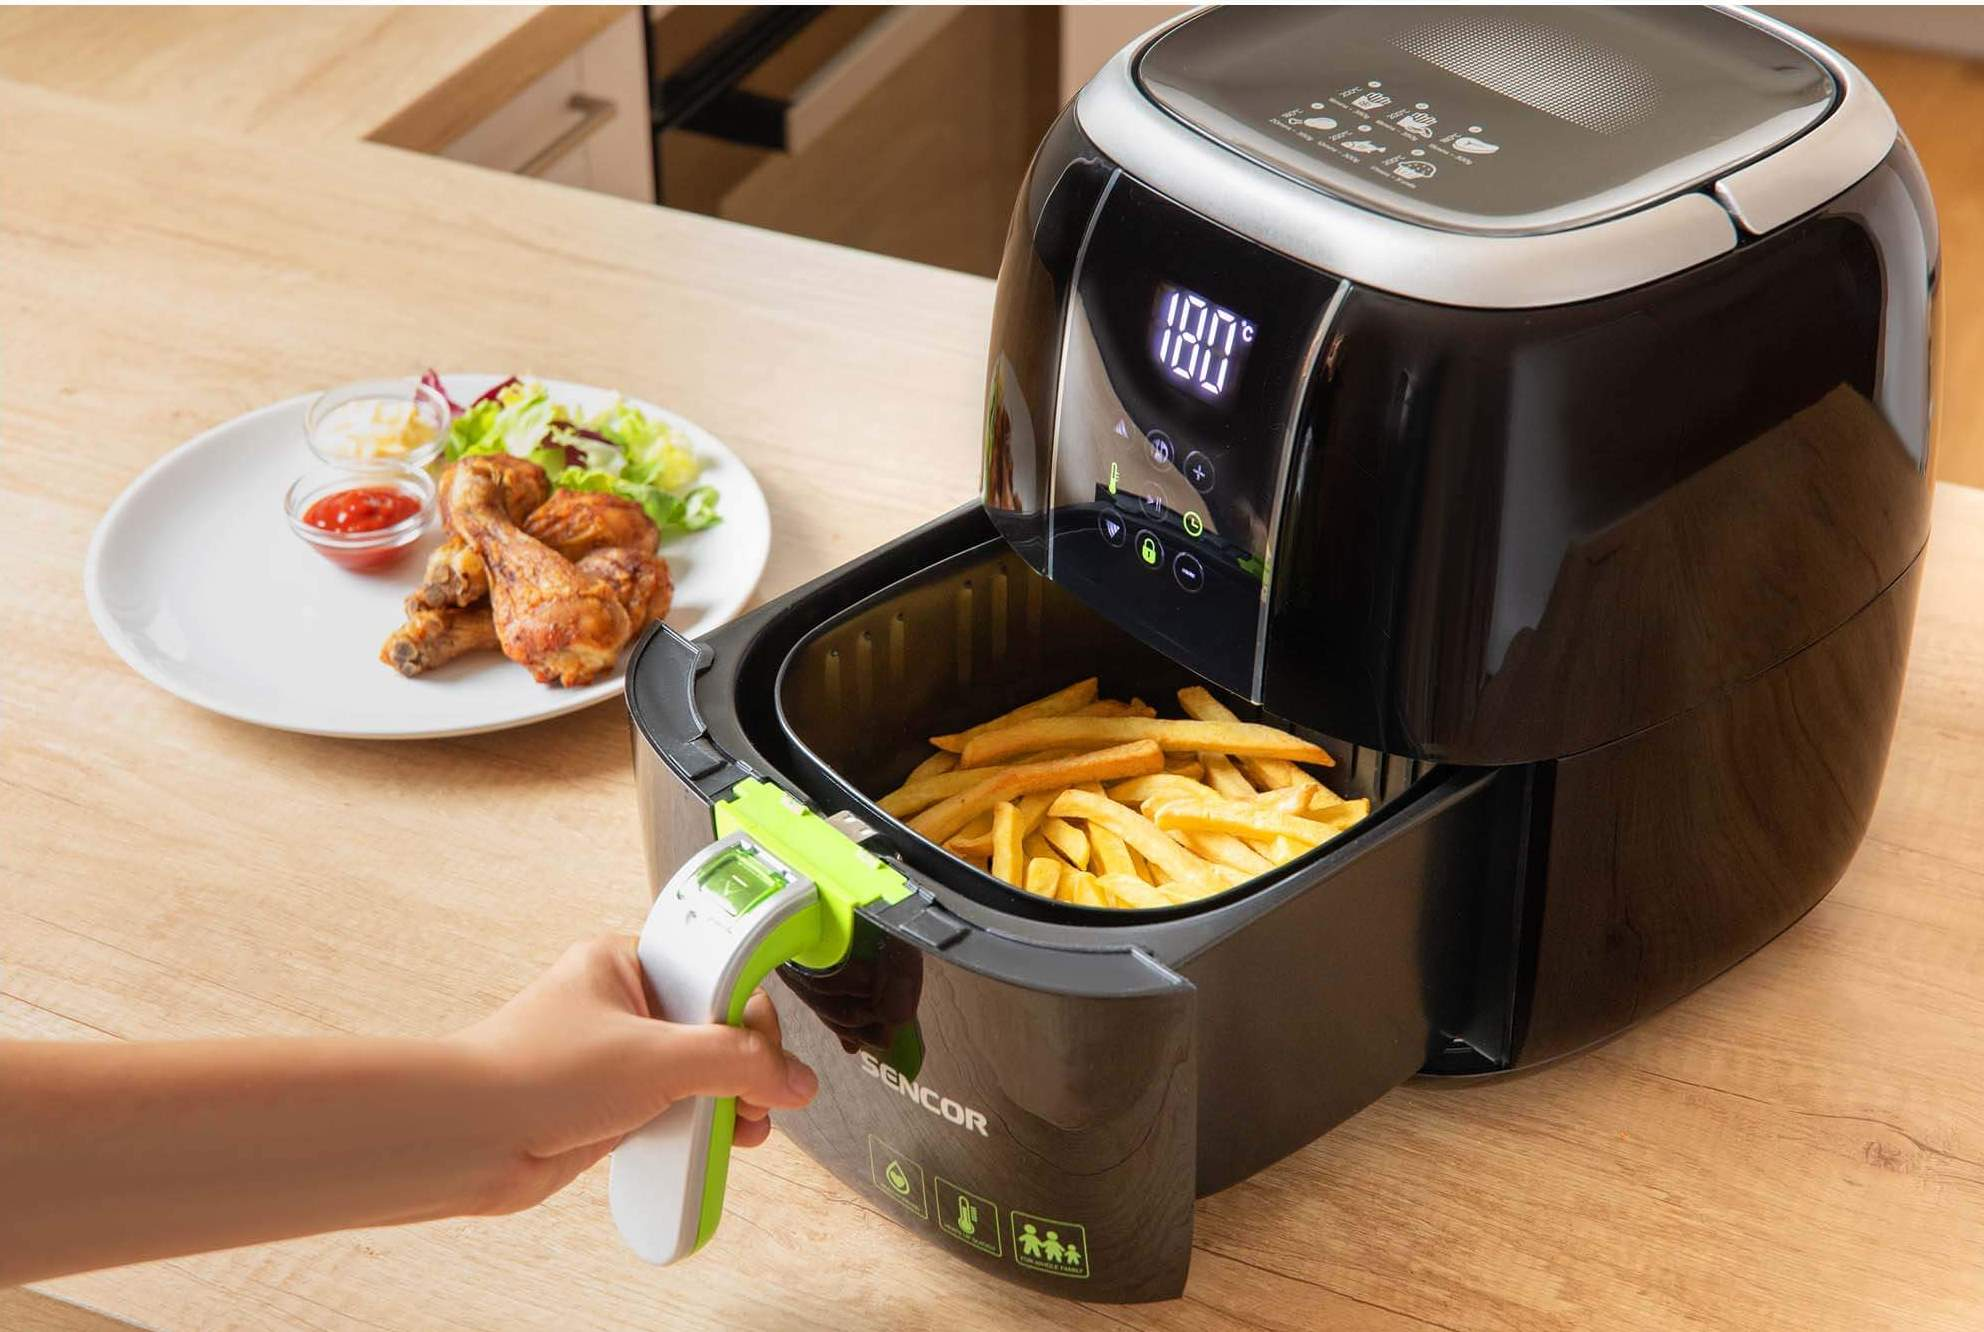 Pomocí 6 automatických režimů snadno připravíte předsmažené hranolky, domácí hranolky, hamburgery, kuřecí stehna, ryby i muffiny.